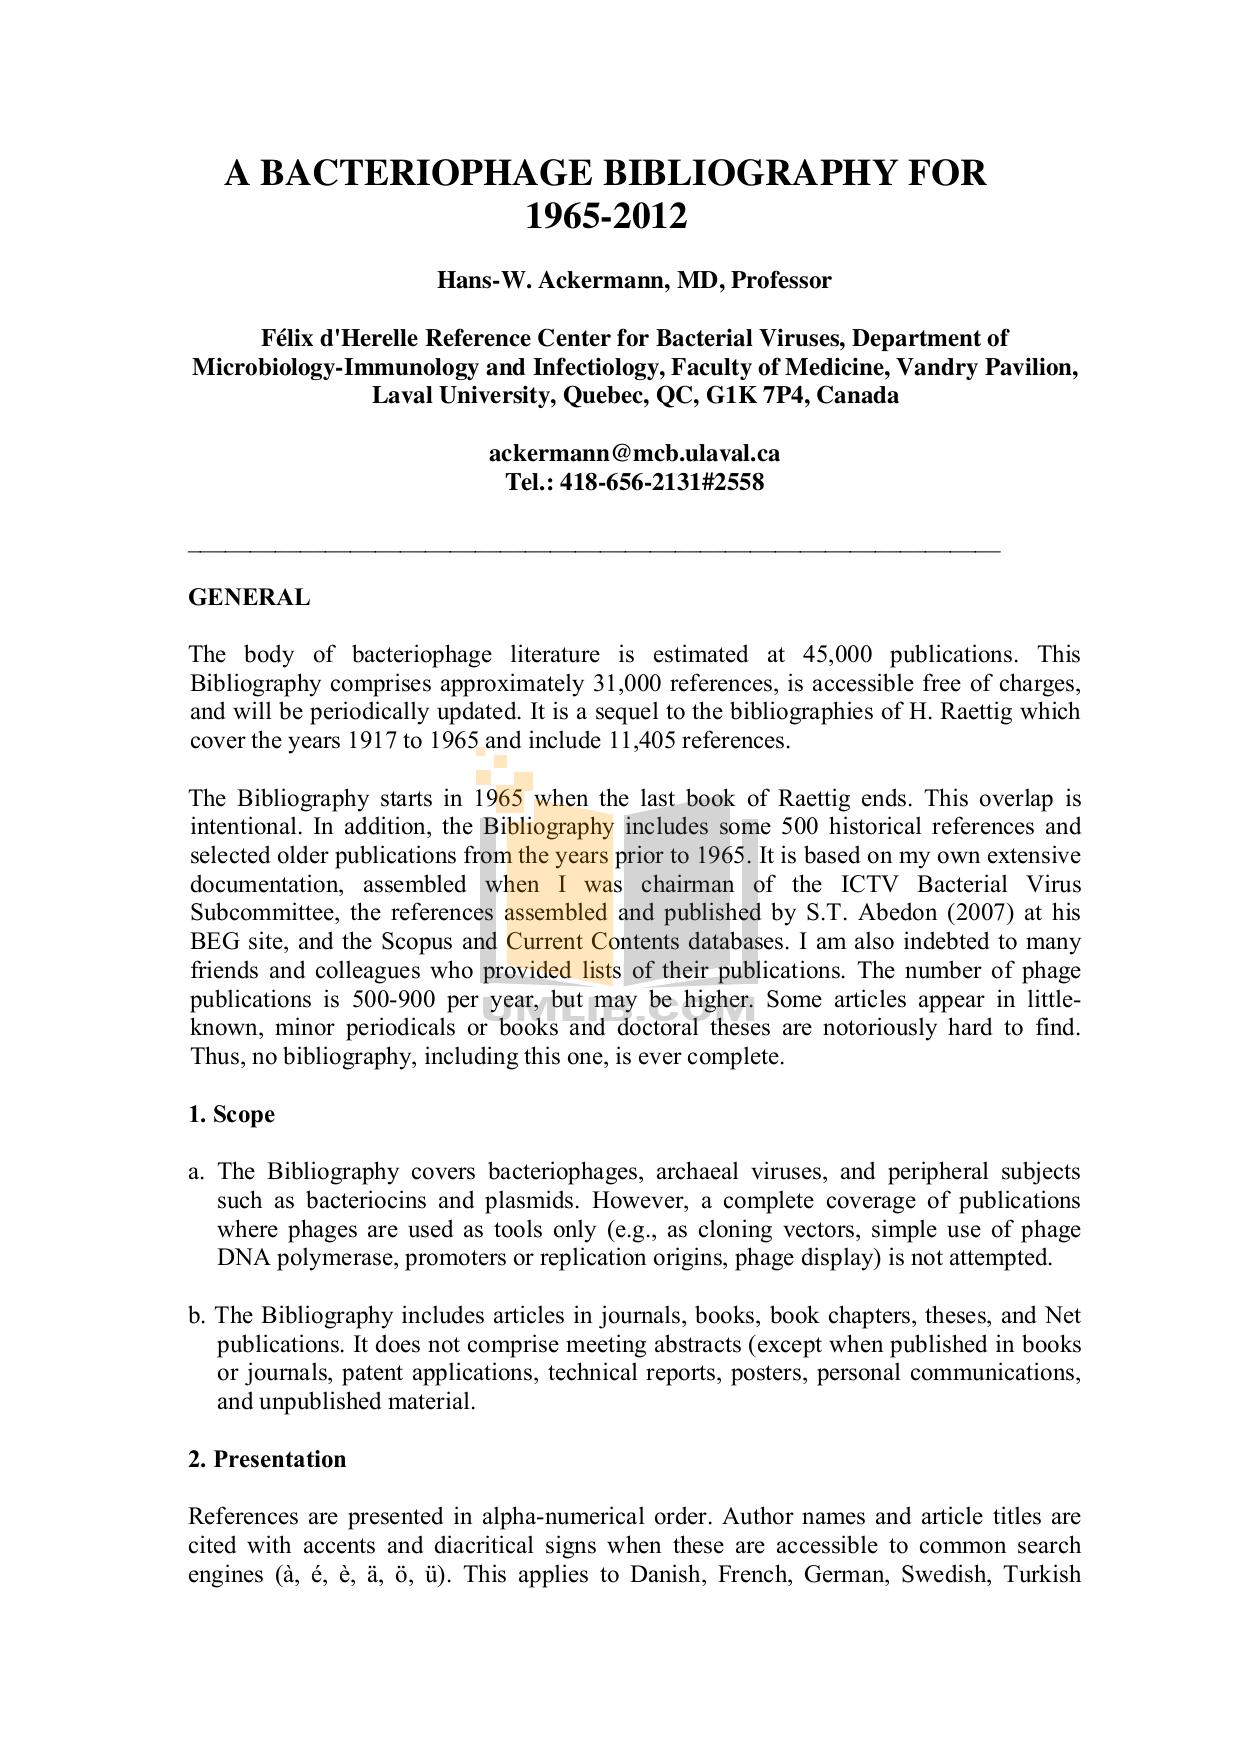 pdf for HP Laptop Pavilion DV2853 manual